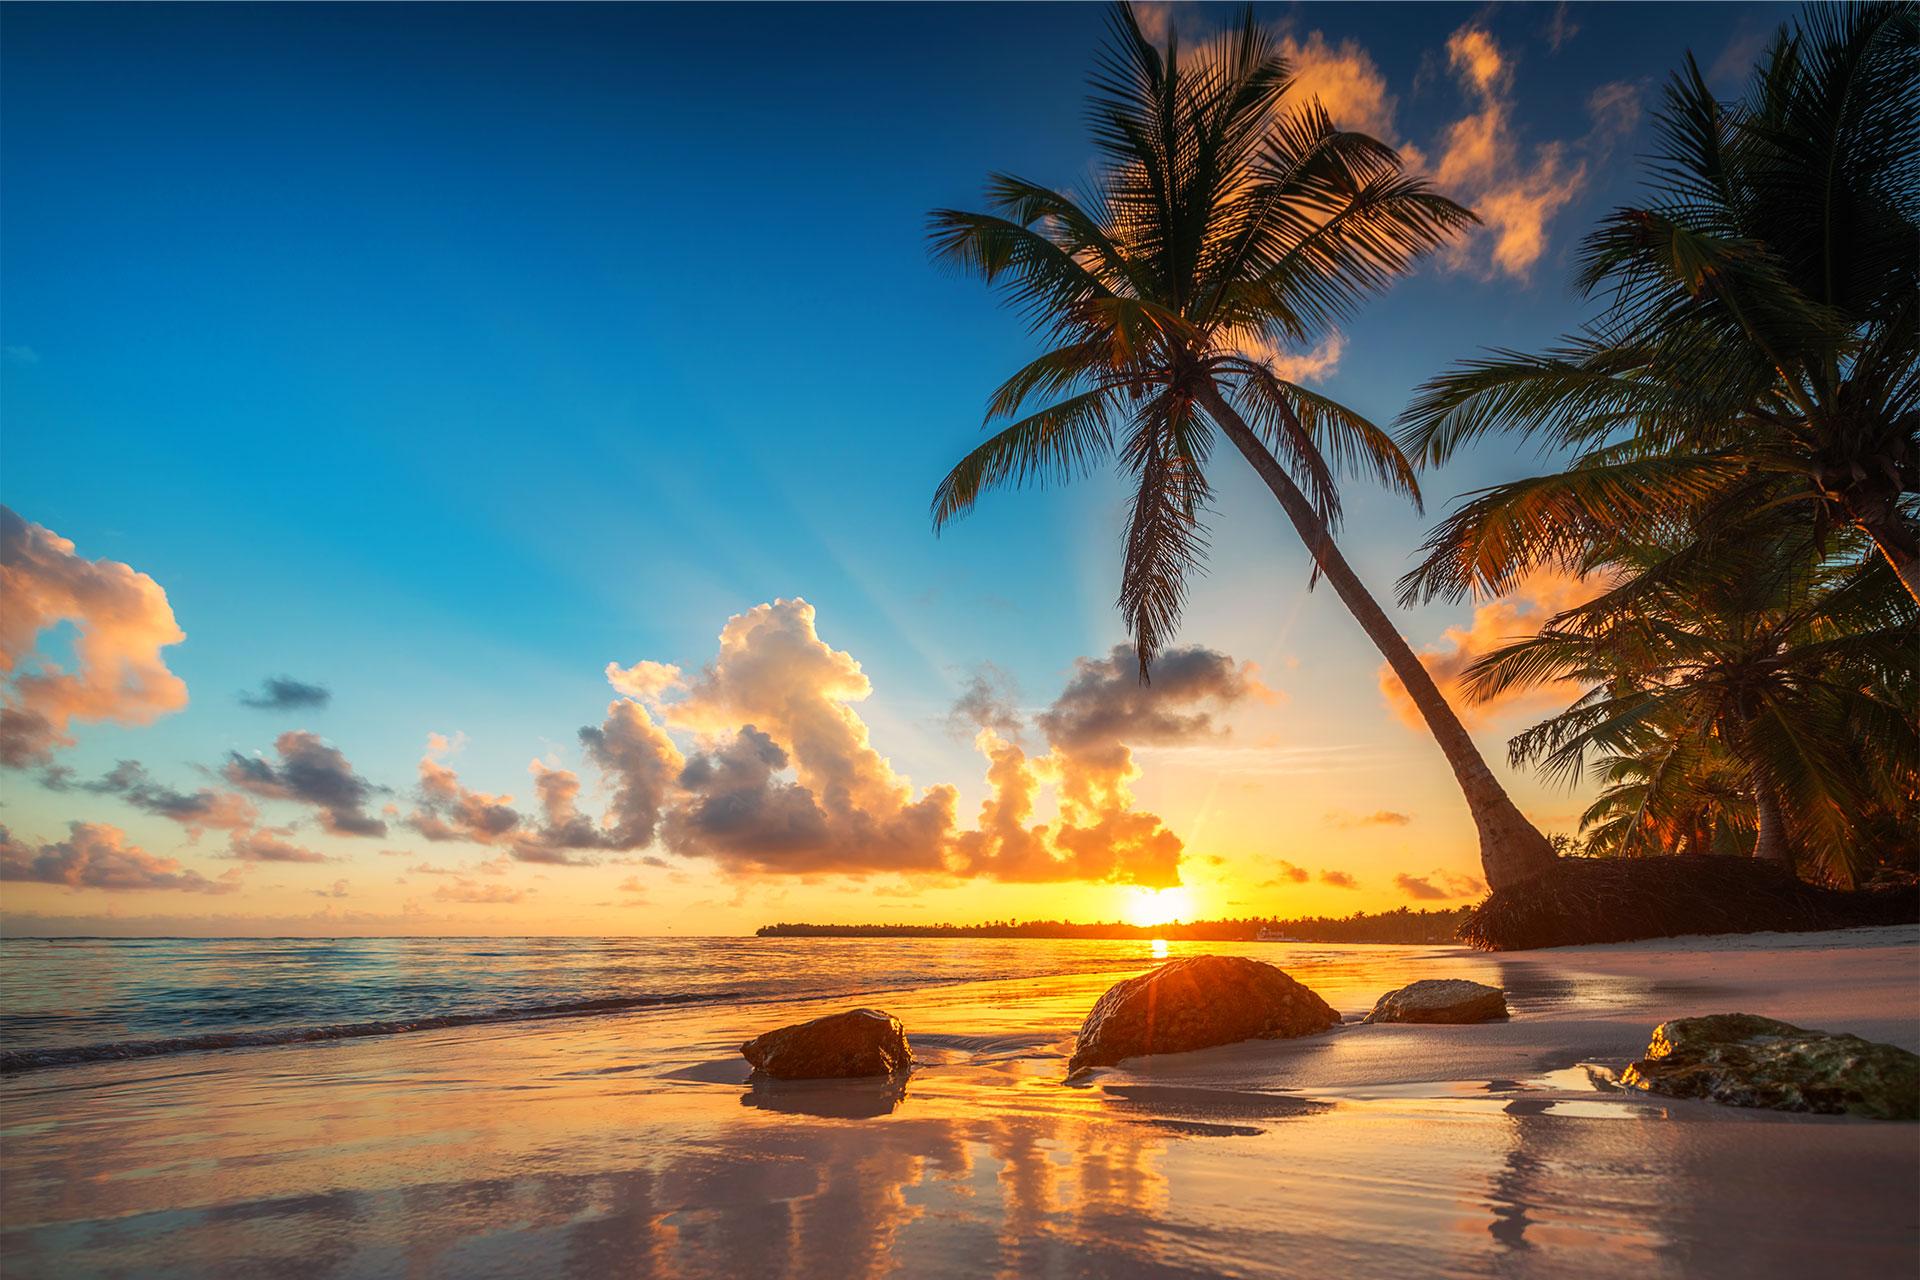 Sejur charter Punta Cana 10 zile - Iunie 2021